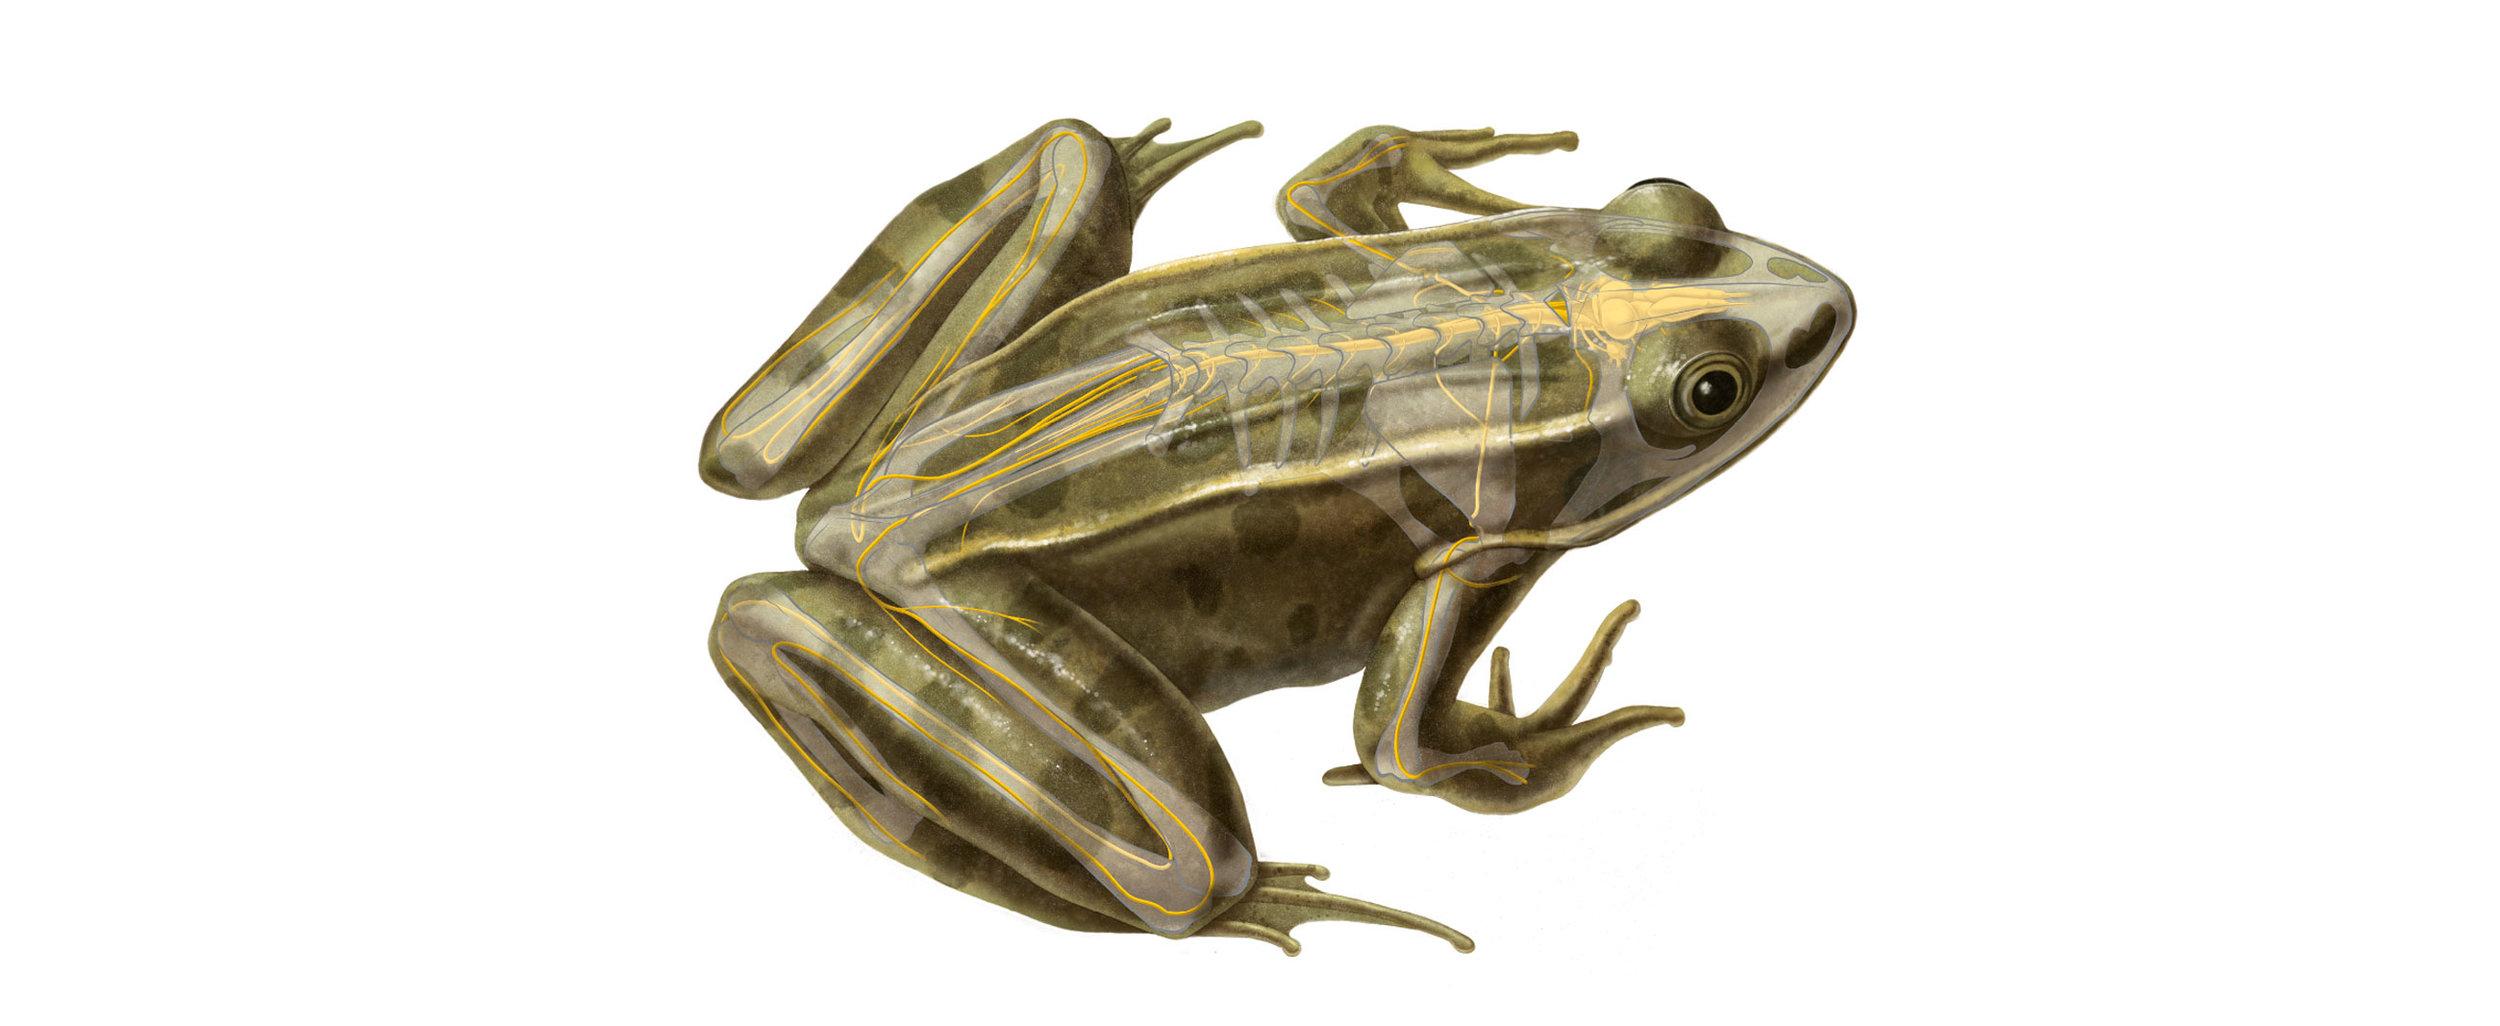 Wissenschaftliche Illustration des Nervensystems eines Frosches ...